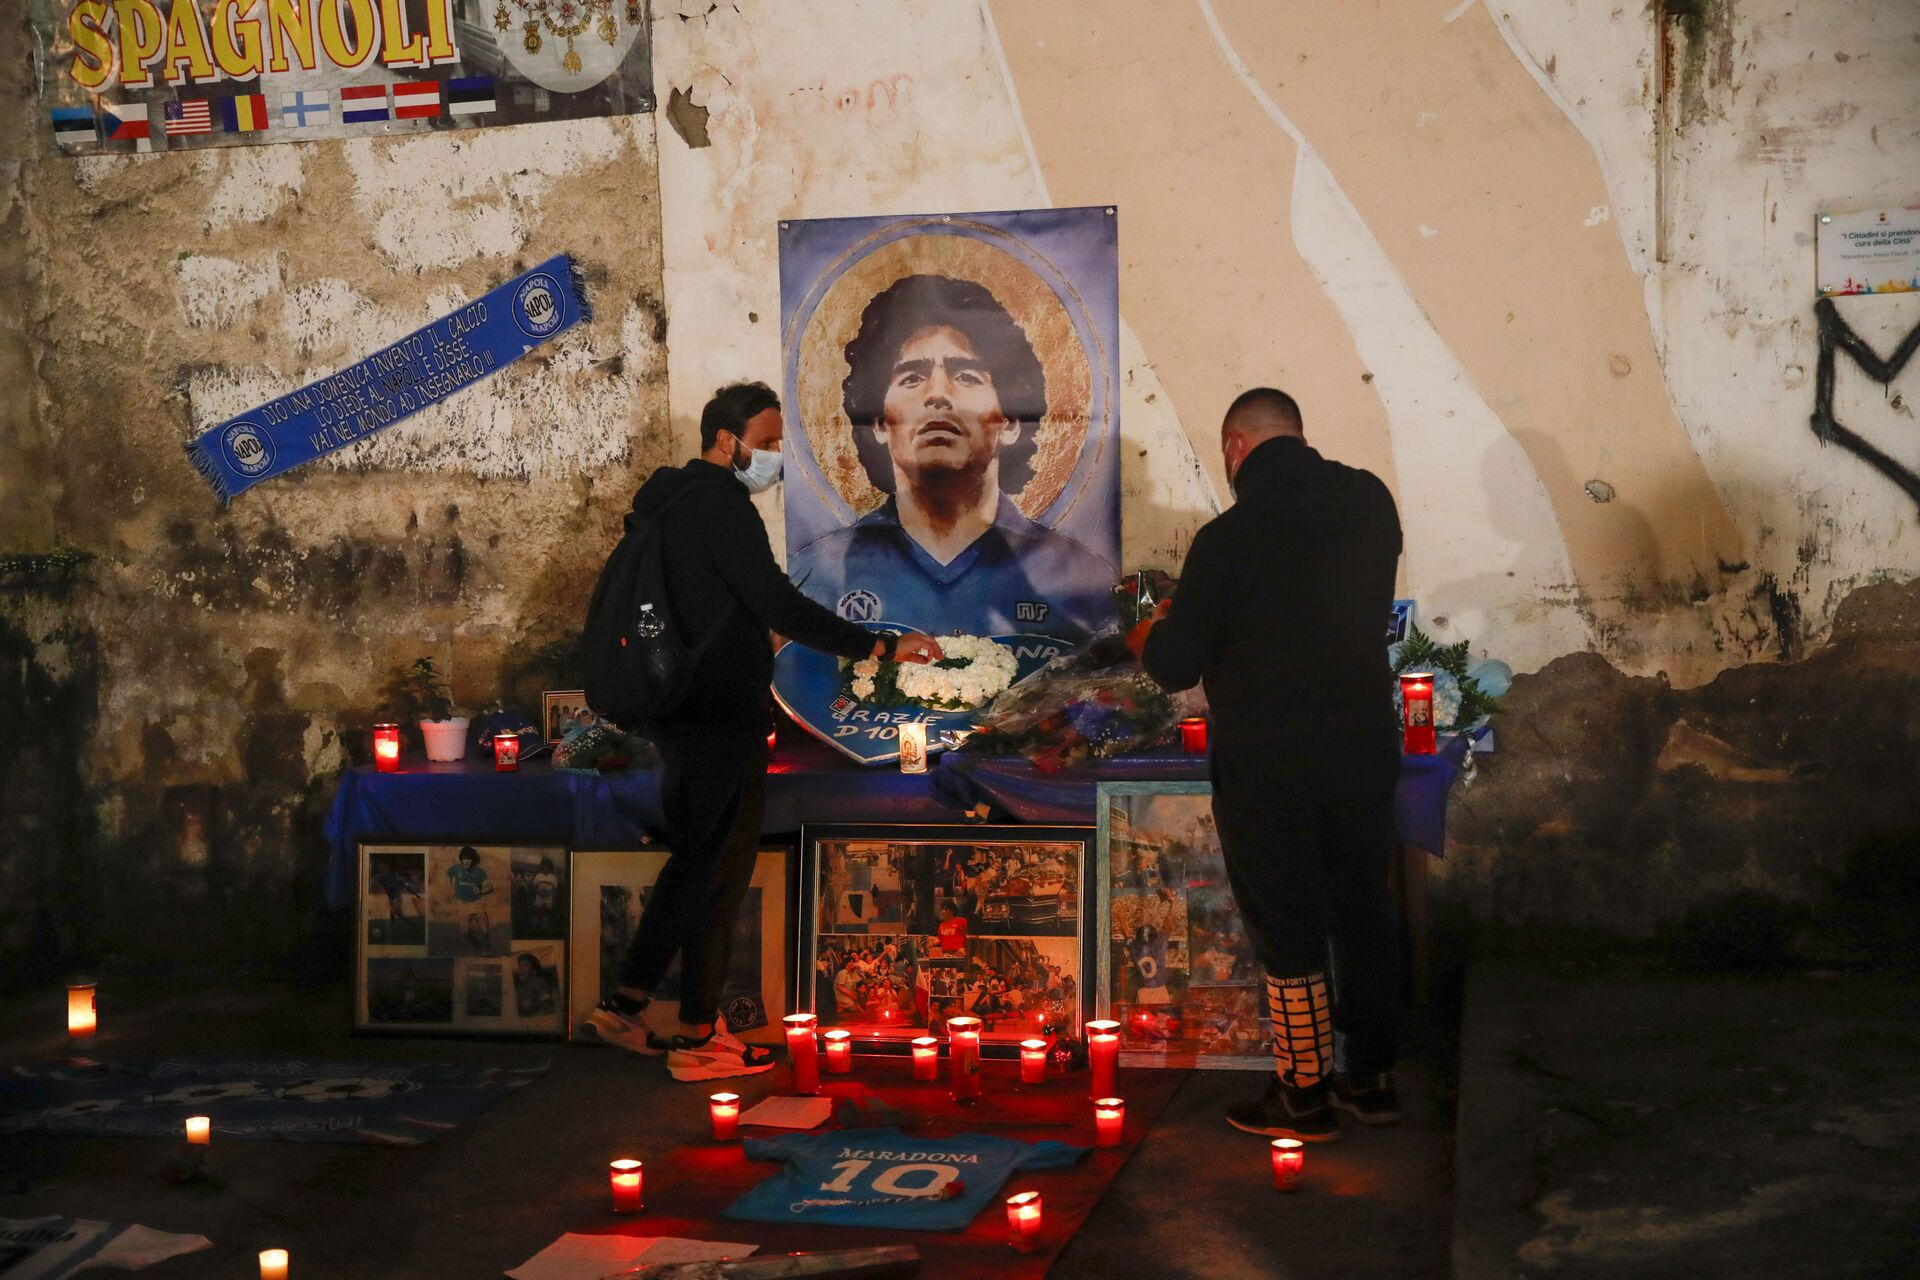 Le persone accendono le candele per onorare la memoria di Diego Maradona in Quartieri Spagnoli di Napoli - Sputnik Italia, 1920, 18.05.2021